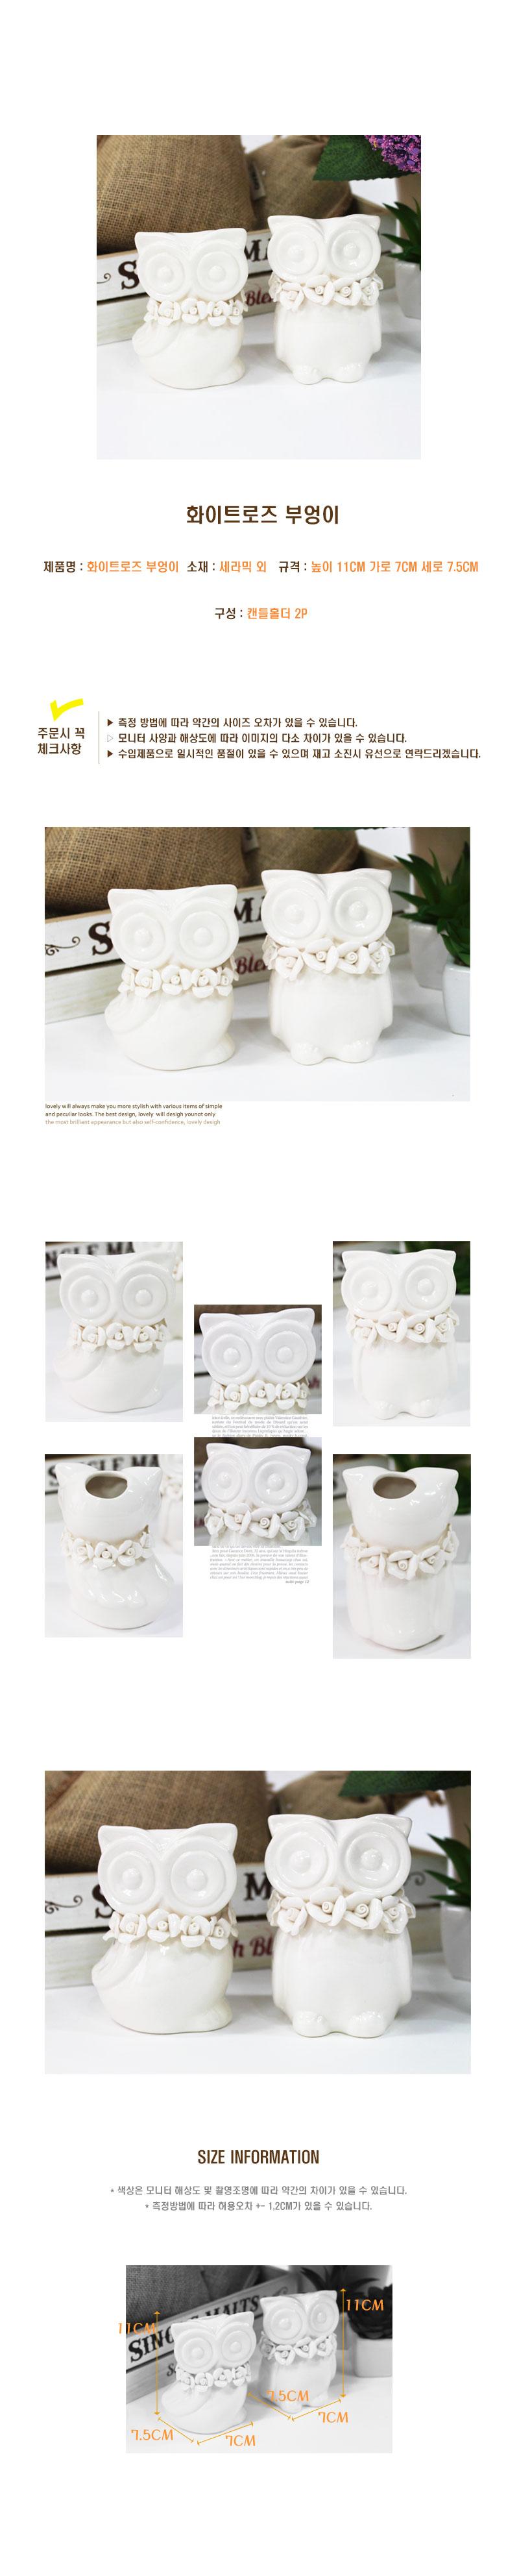 화이트로즈 부엉이 - 수인아트, 27,000원, 캔들, 캔들홀더/소품